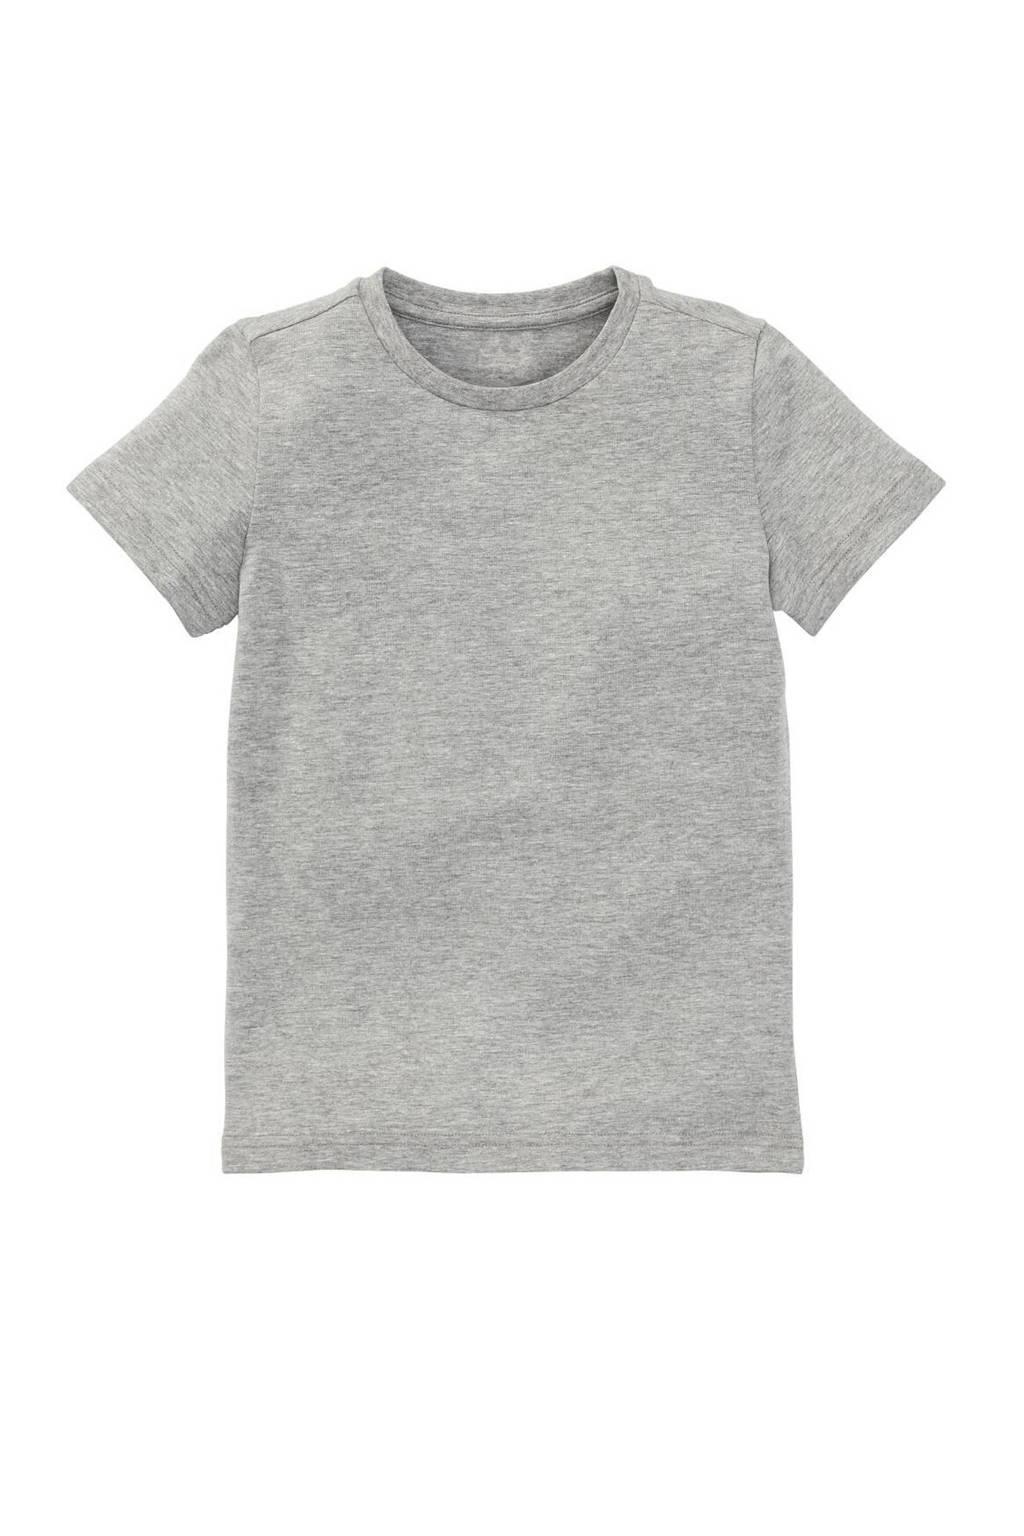 HEMA T-shirt met biologisch katoen grijs melange, Grijs melange